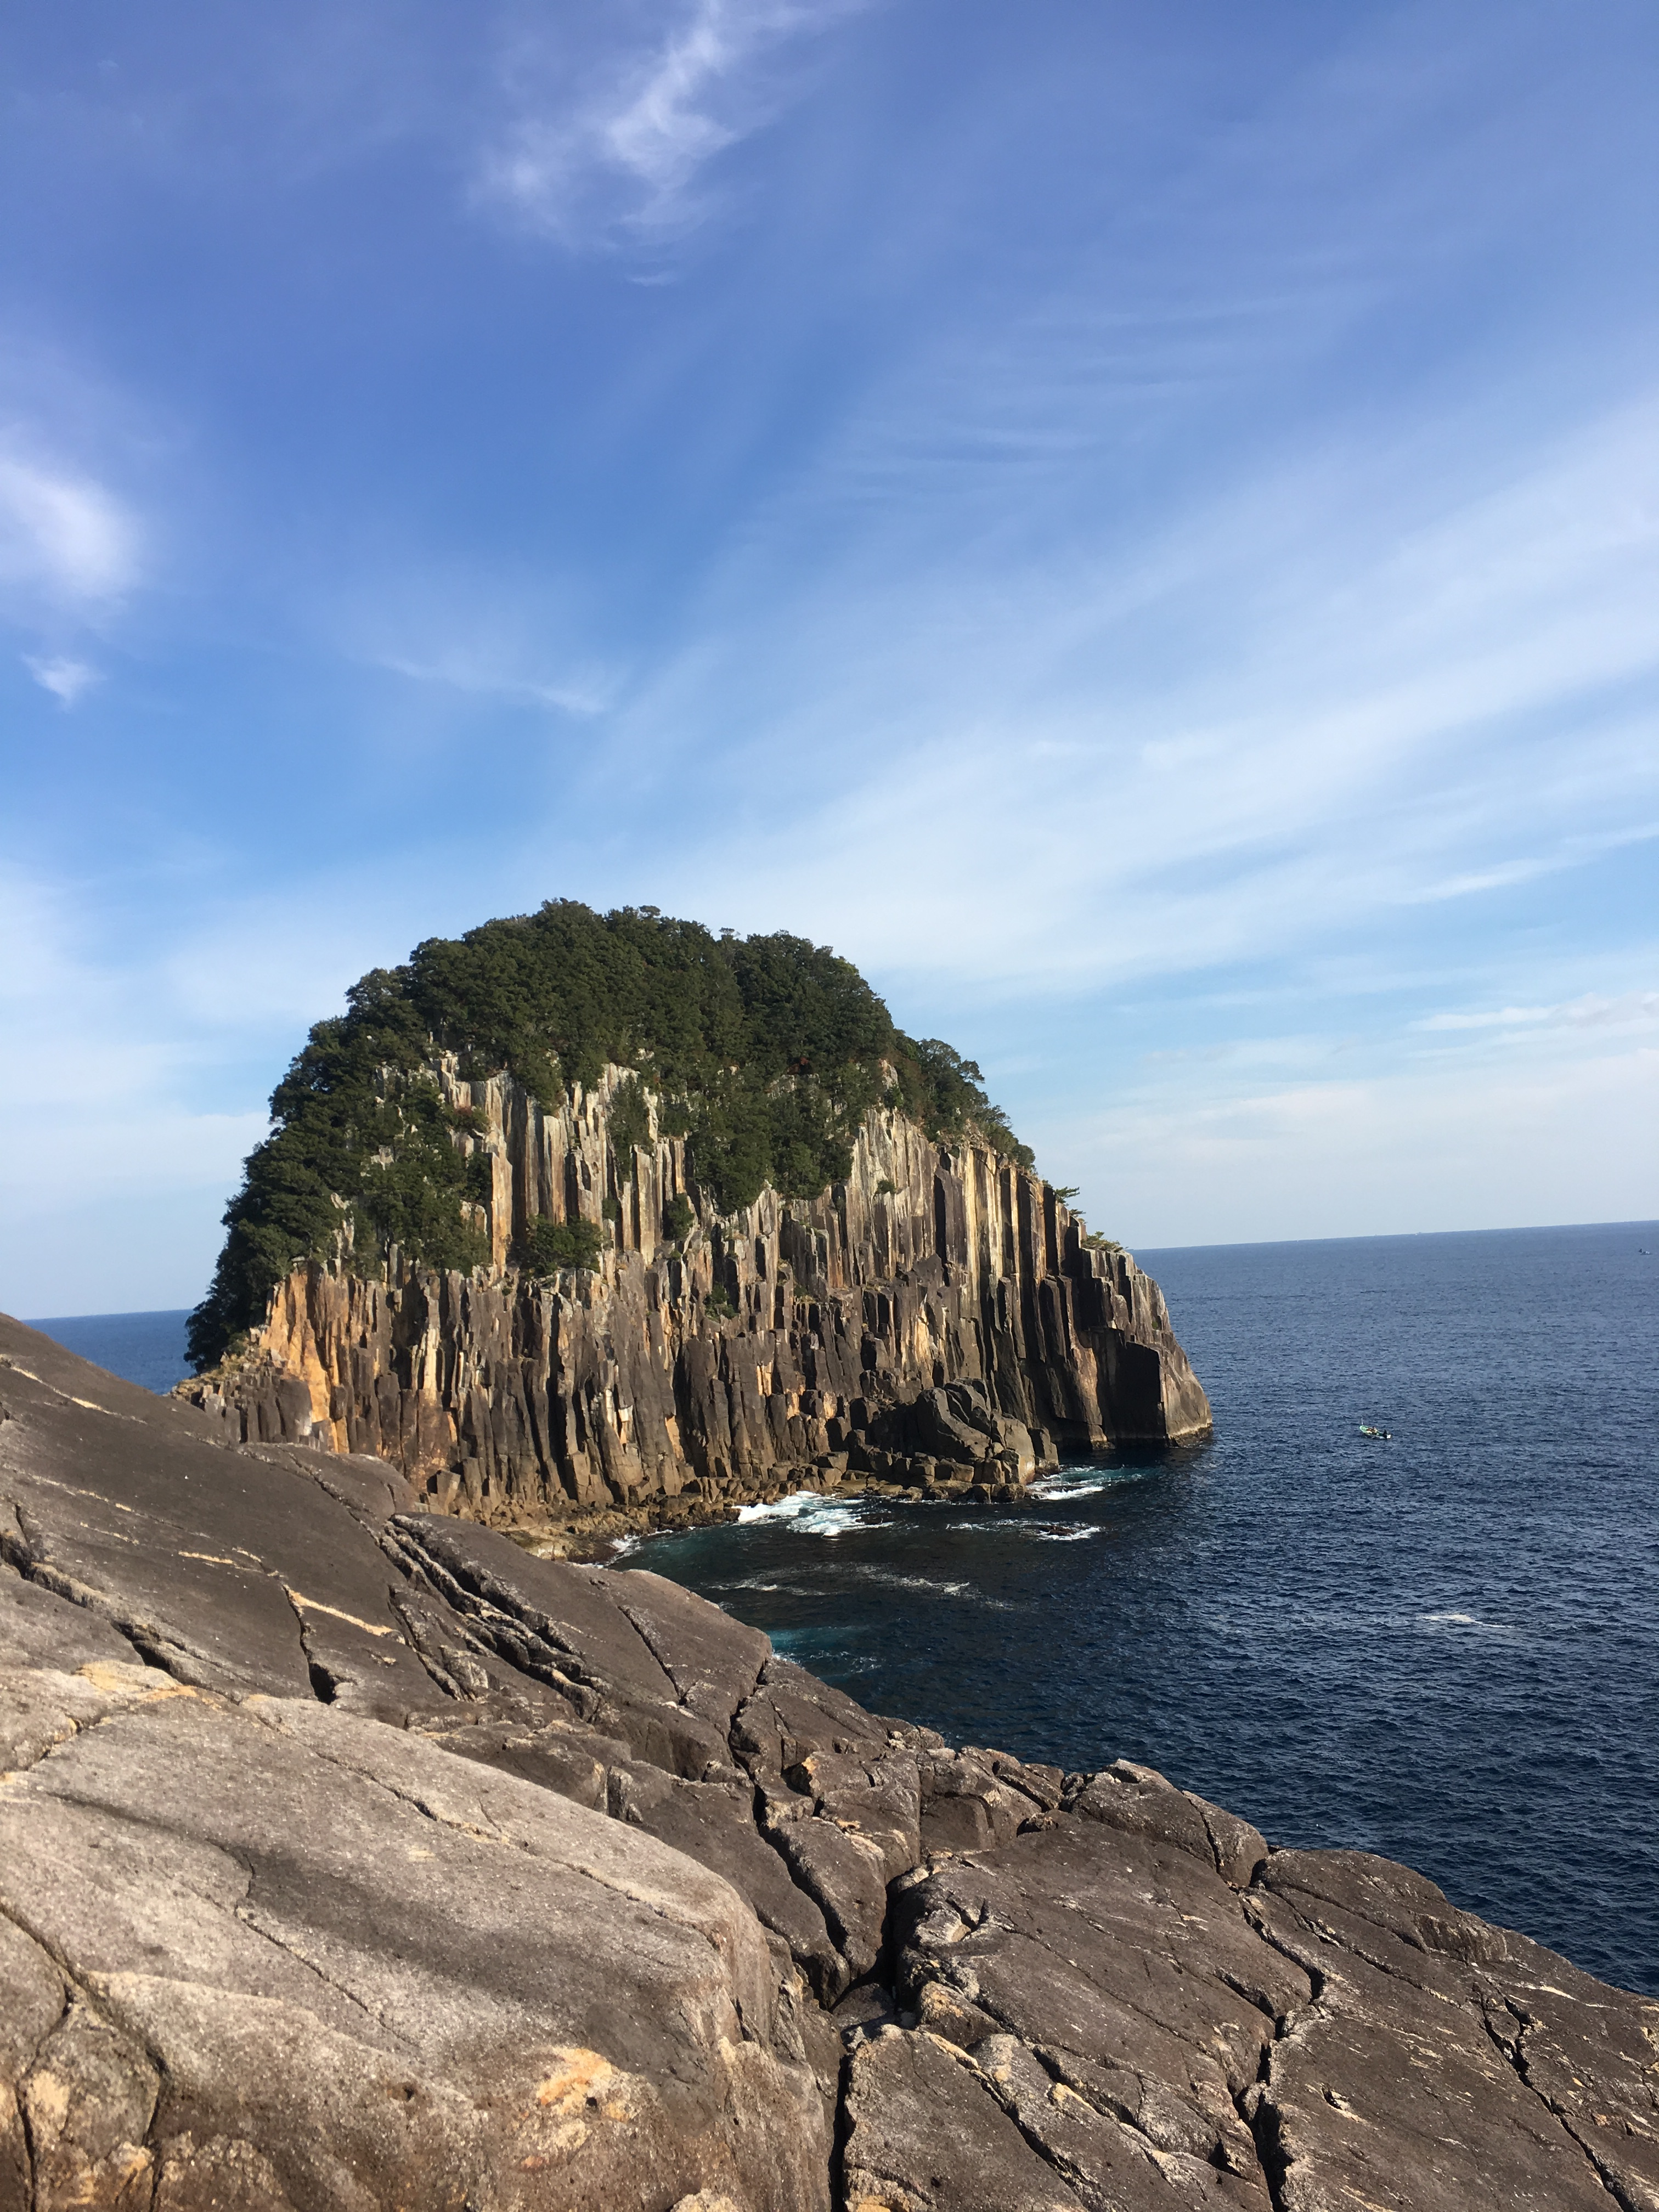 楯ヶ崎とかナサ崎でのんびりクライミングツアー 2017冬 前編